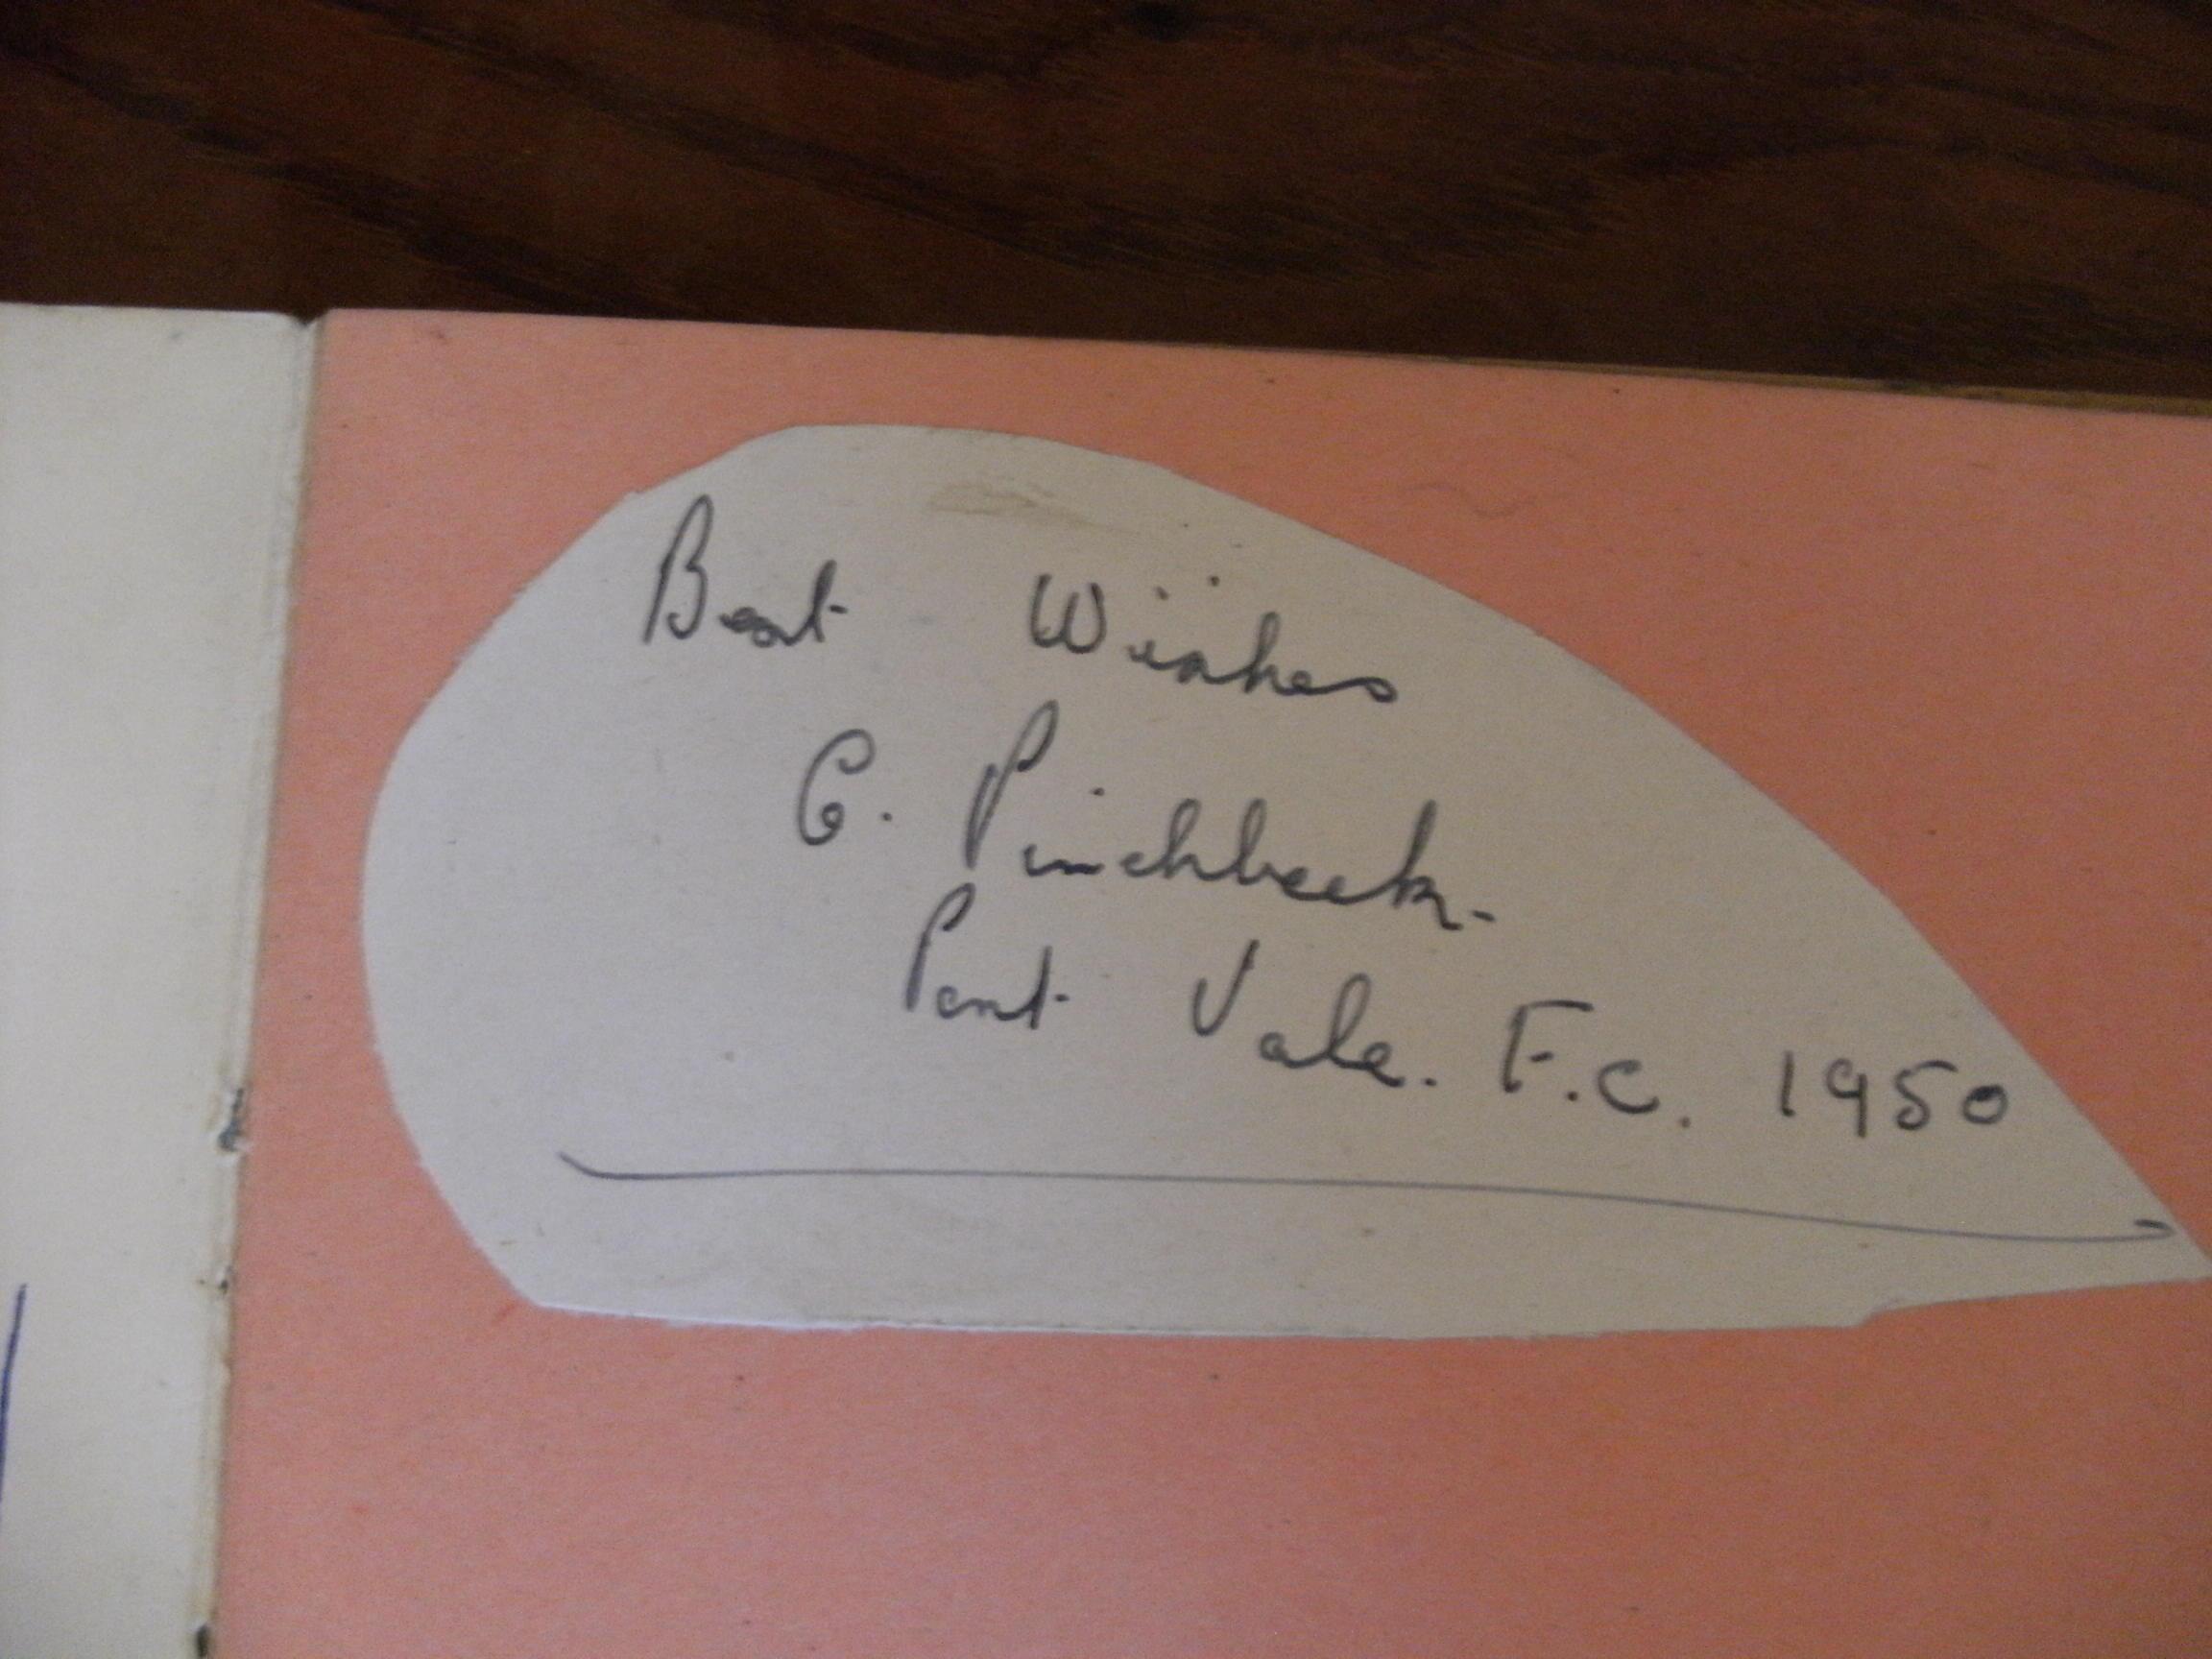 1950s Port Vale autographs